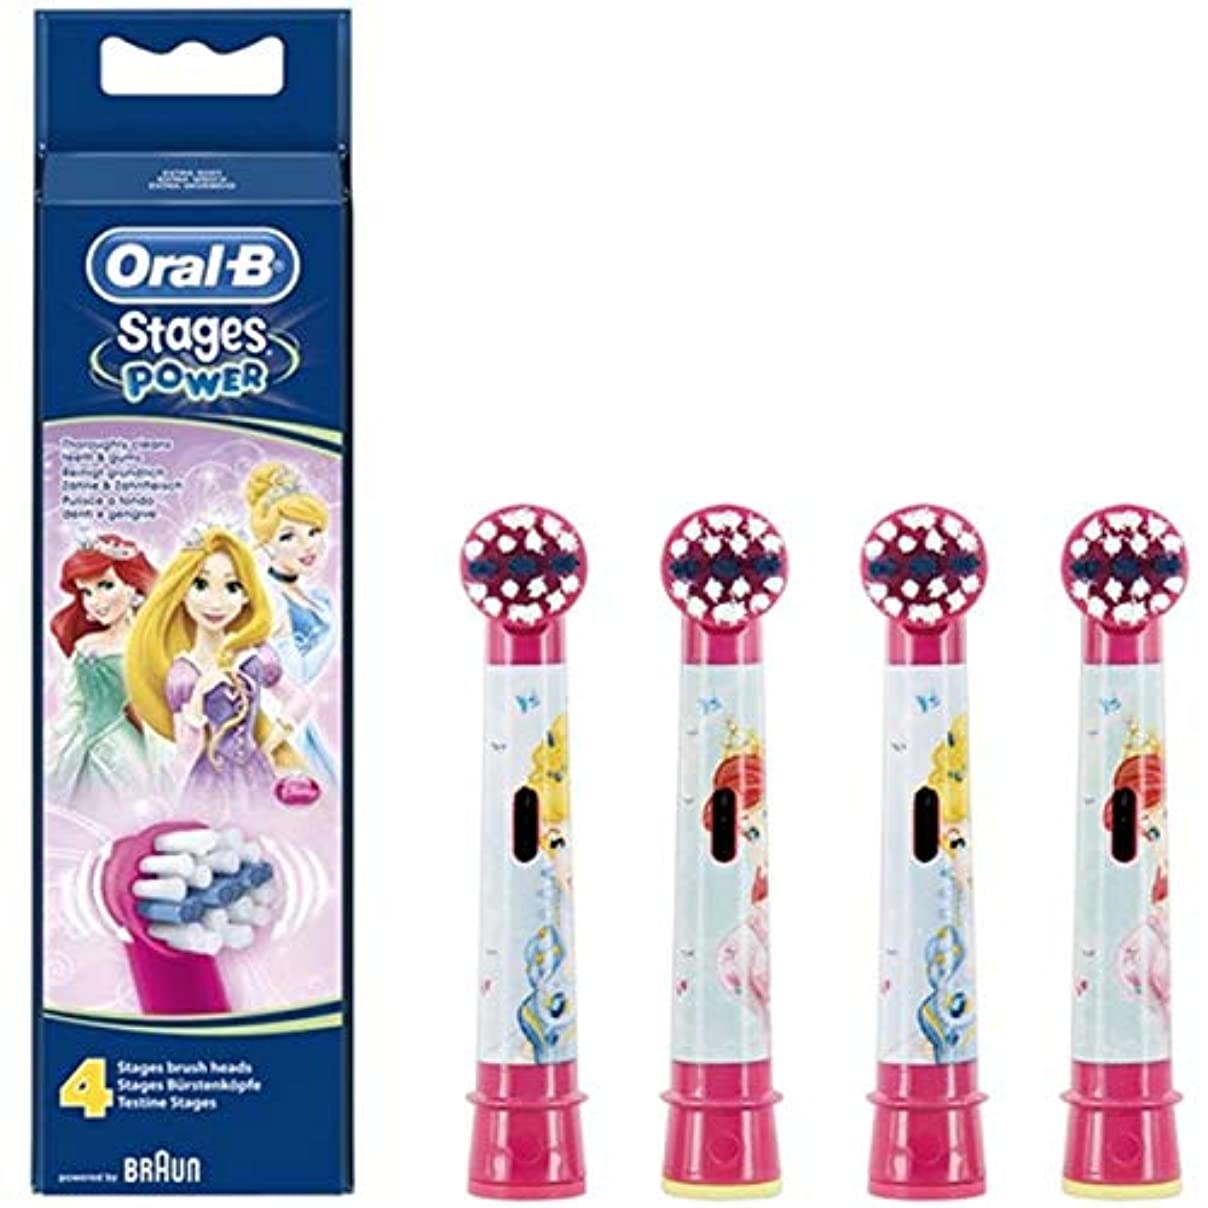 レオナルドダさようならゲストブラウン オーラルB 電動歯ブラシ 子供用 EB10-4K すみずみクリーンキッズ やわらかめ 替ブラシ(4本) ピンク ディズニープリンセス [並行輸入品]